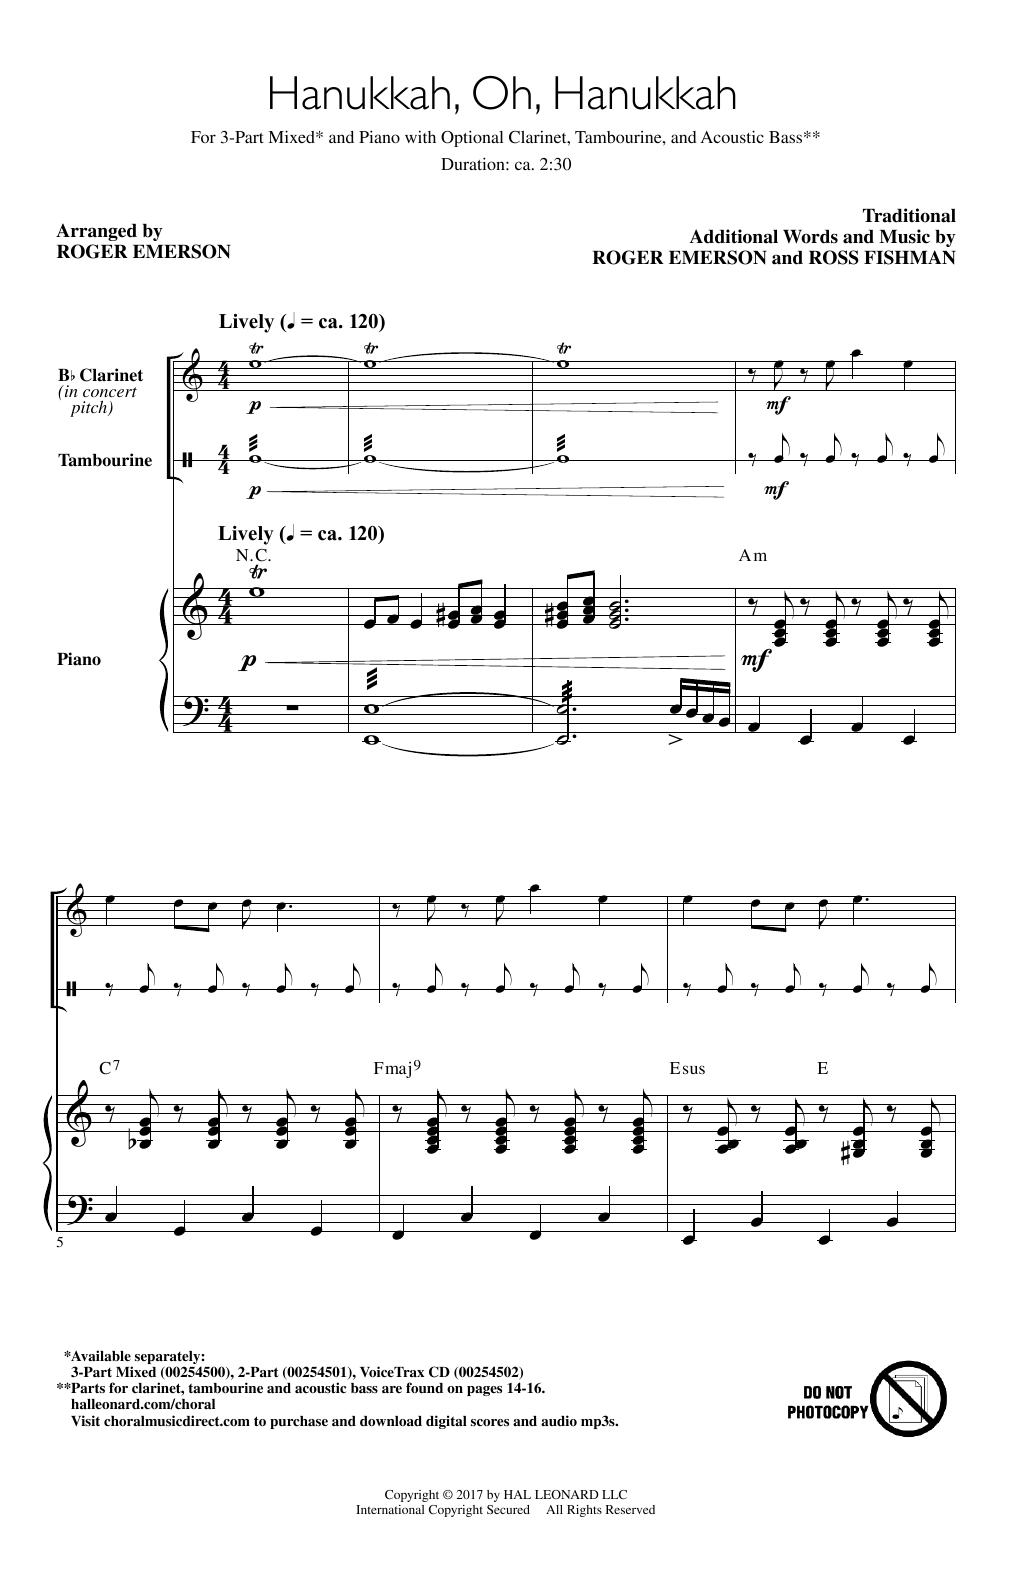 Hanukkah, Oh, Hanukkah Sheet Music